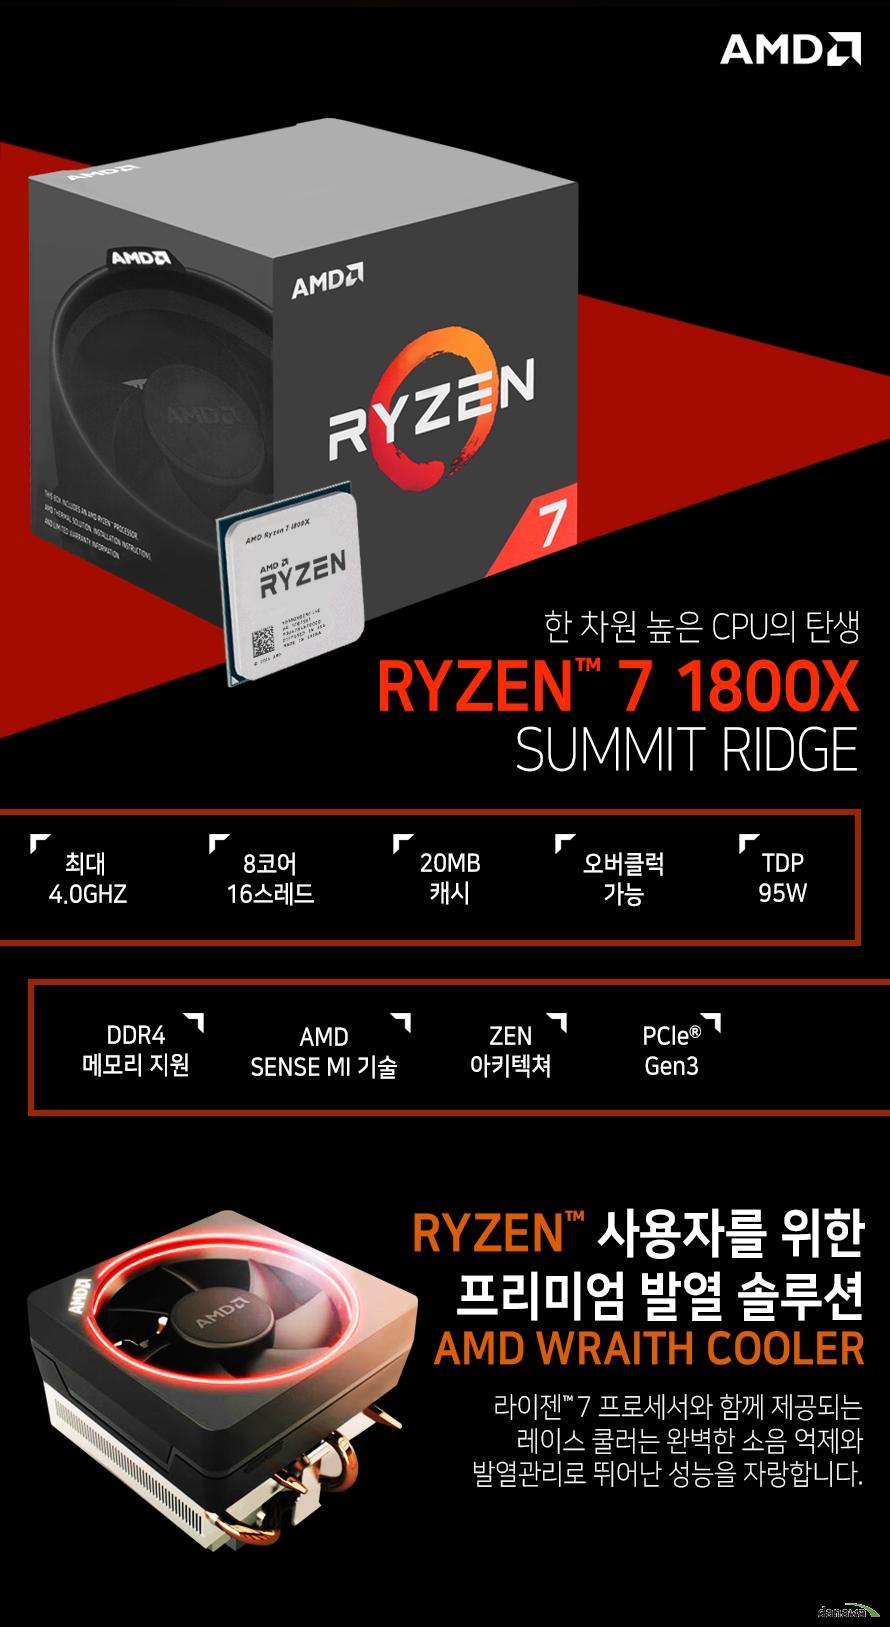 한 차원 높은 CPU의 탄생         RYZEN 7 1800X         SUMMIT RIDGE                  최대 4.0GHZ          8코어 16스레드         20MB 캐시         오버클럭 가능         TDP 95W         DDR4 메모리 지원         AMD SENSE MI 기술         ZEN 아키텍쳐         PCle Gen 3                  RYZEN 사용자를 위한 프리미엄 발열 솔루션         AMD WRAITH COOLER                  라이젠 7 프로세서와 함께 제공되는 레이스 쿨러는          완벽한 소음 억제와 발열관리로 뛰어난 성능을 자랑합니다.